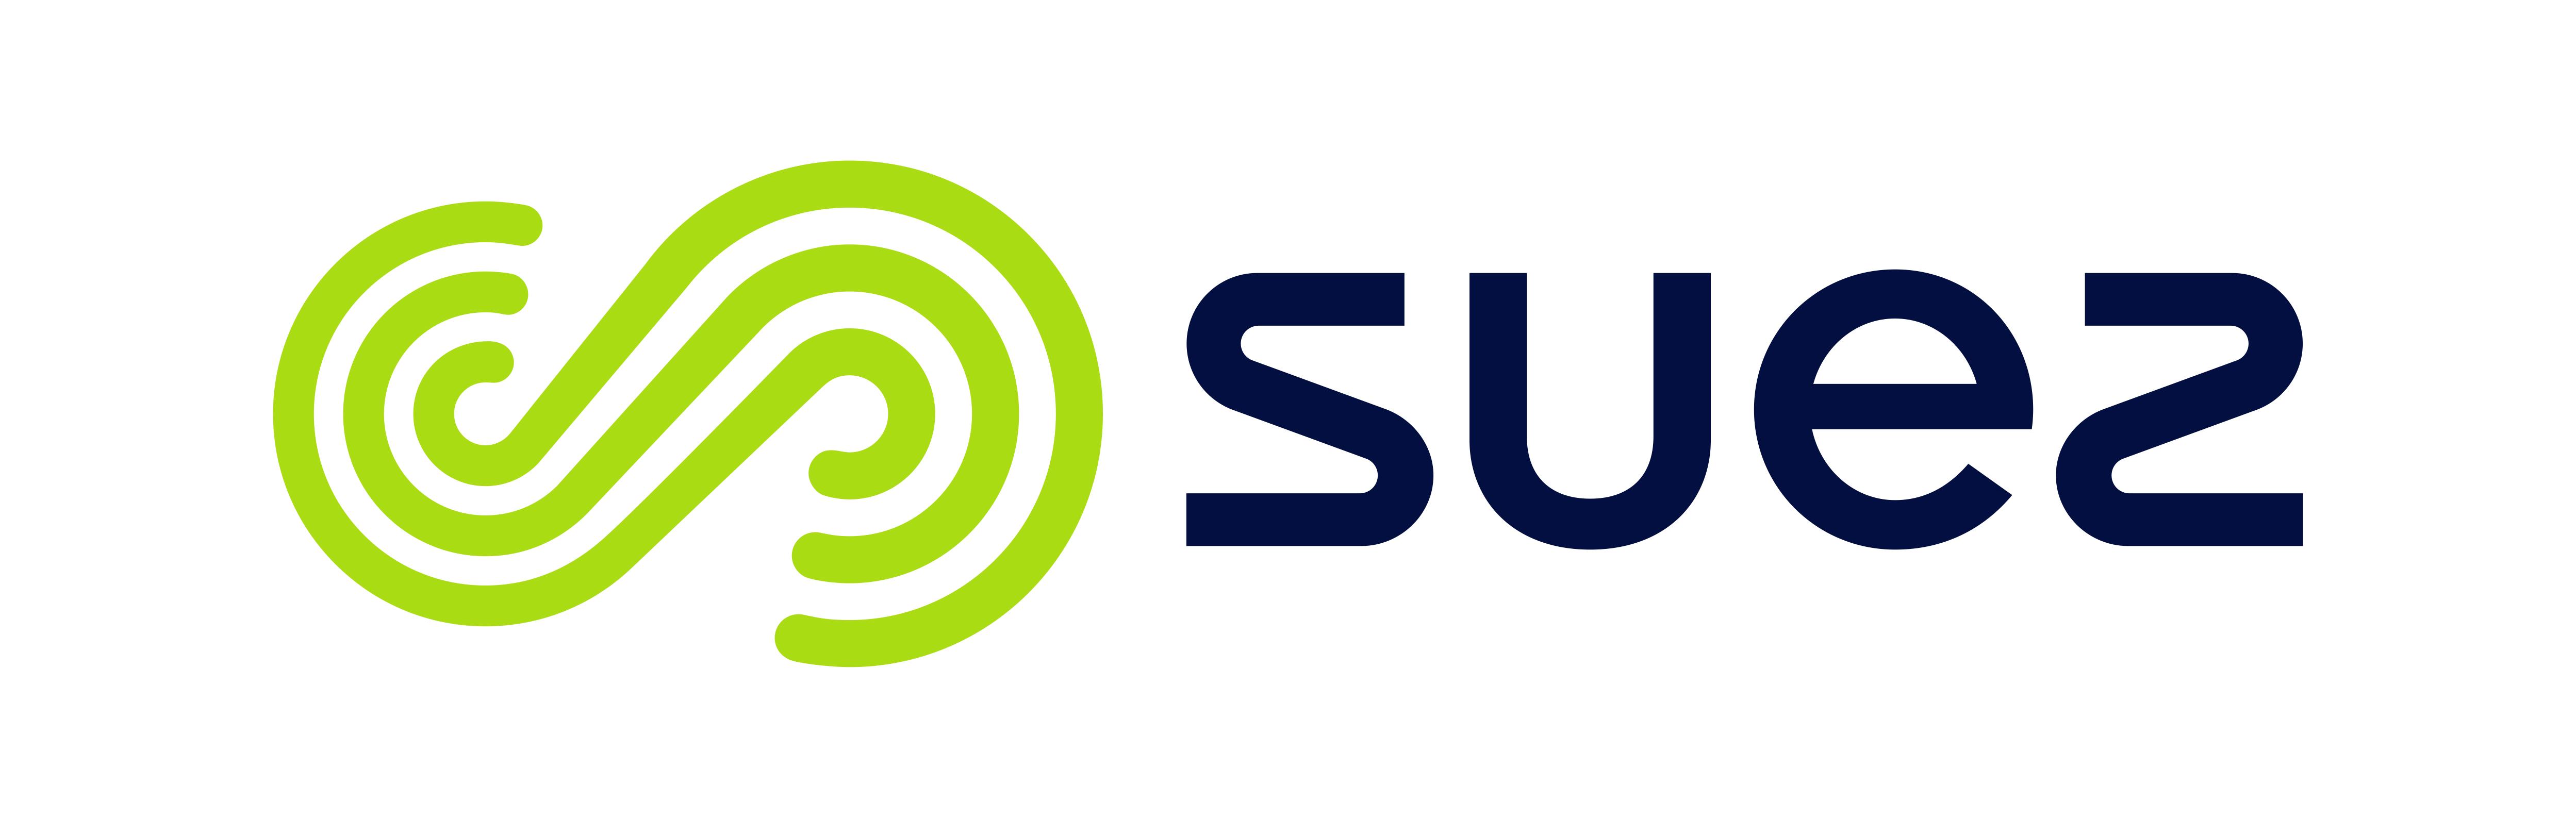 SUEZ logo.